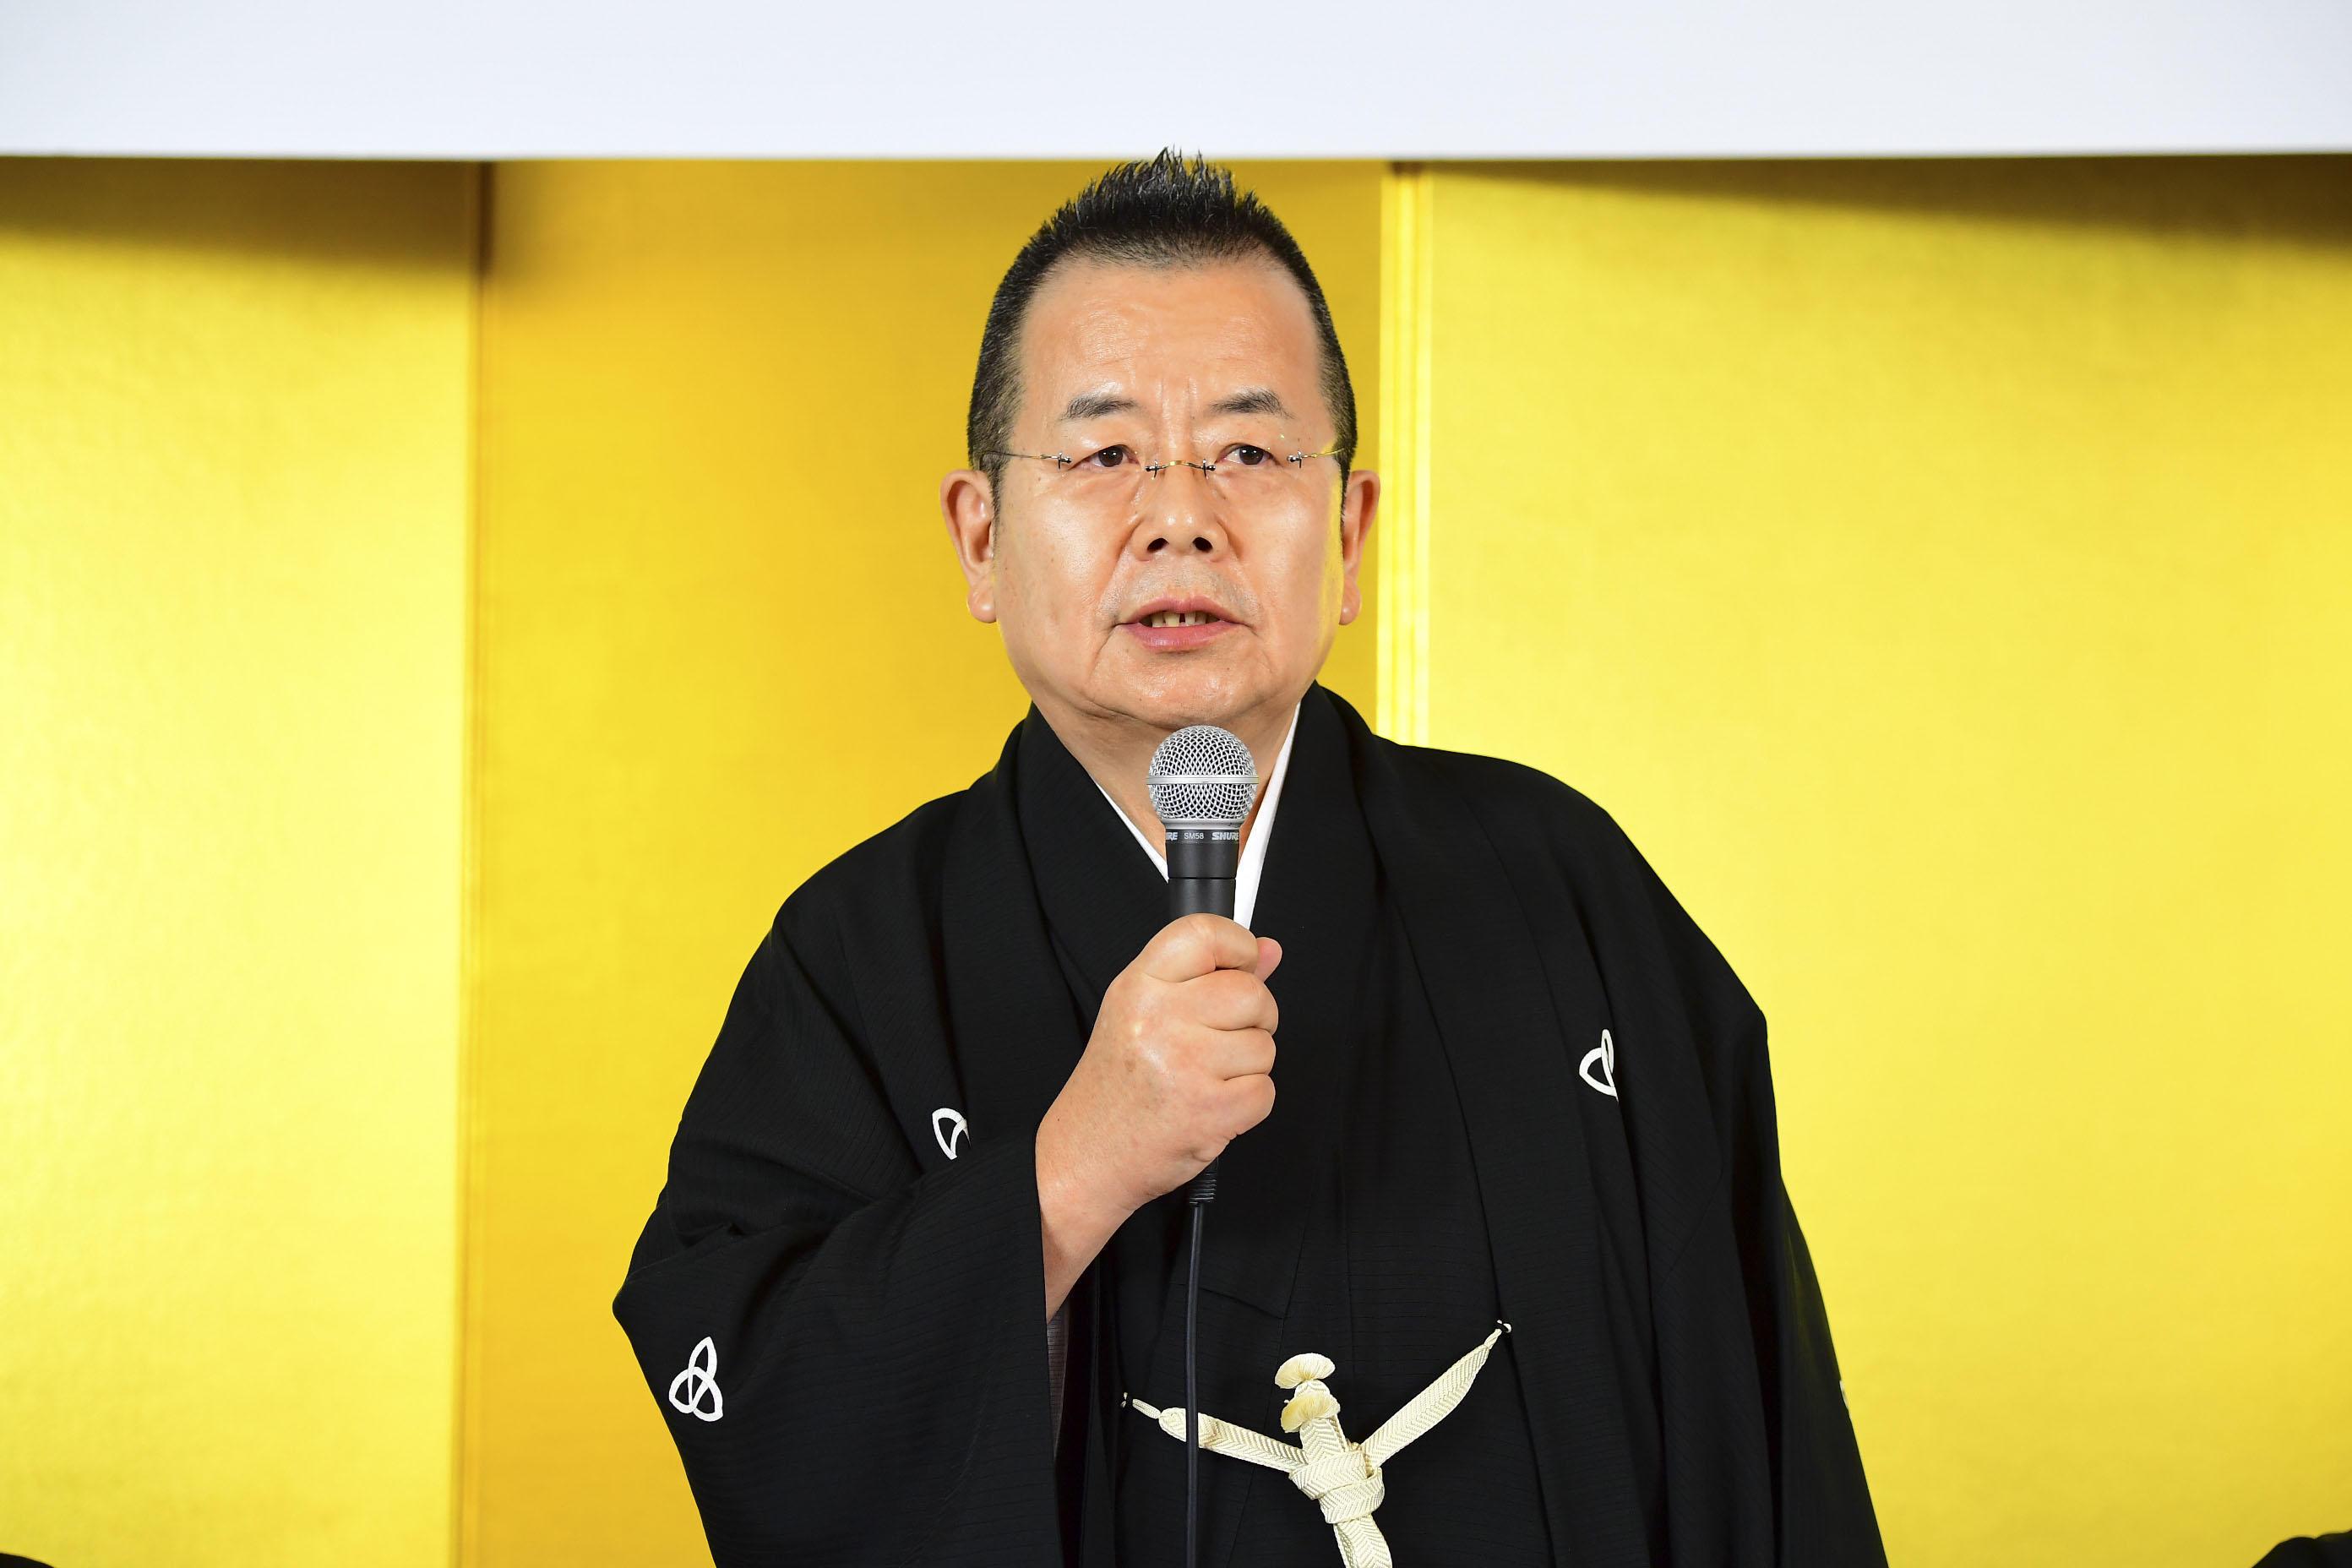 http://news.yoshimoto.co.jp/20170904165326-201fb5bc59946b5d738bcb0b4f11578e1c929b55.jpg